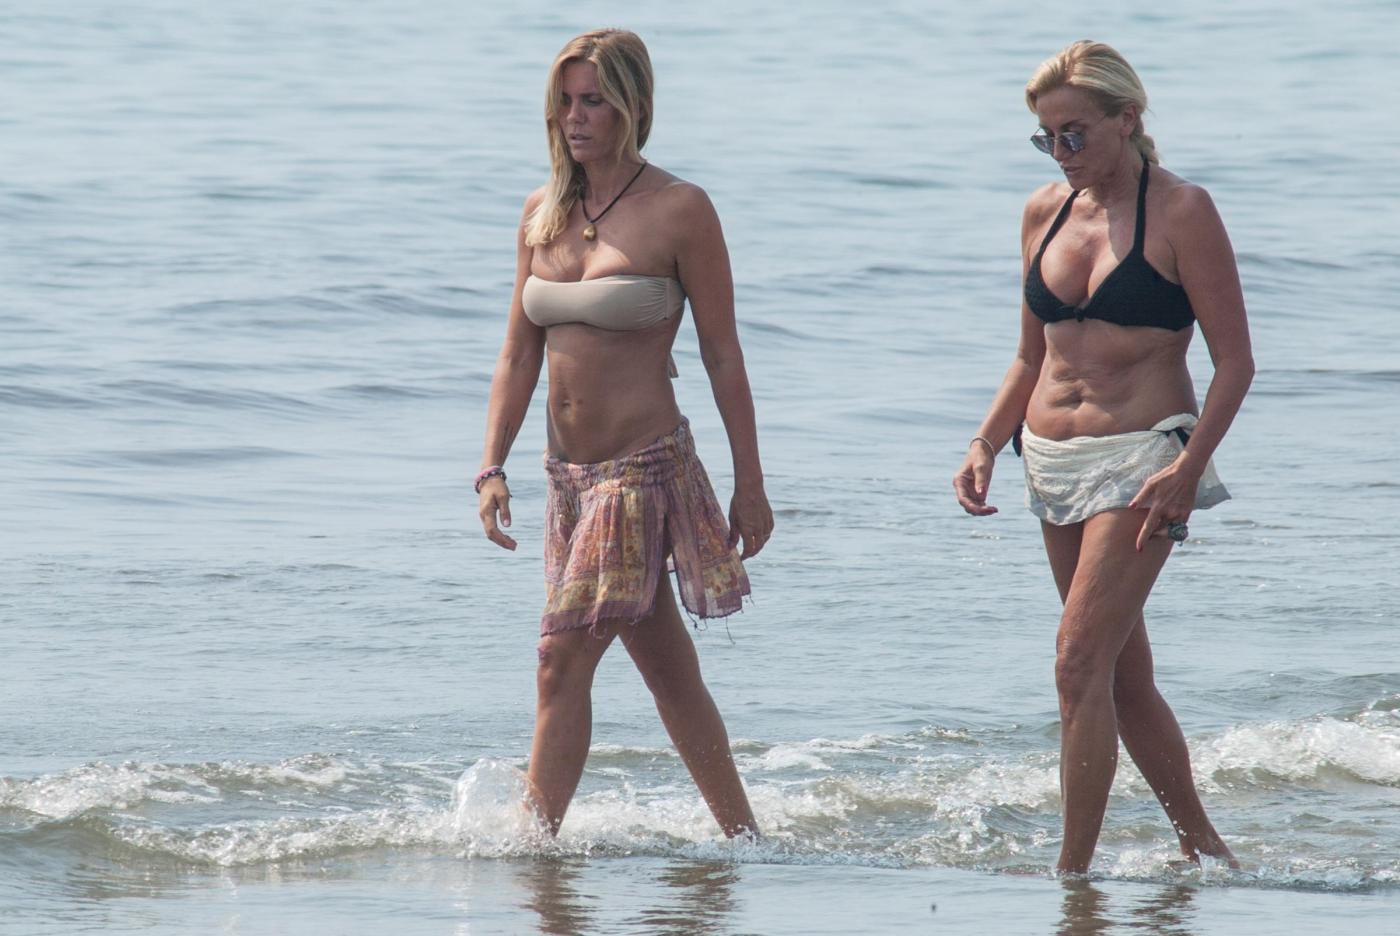 Deborah Roversi, l'ex di Pirlo sfoggia gran forma fisica6